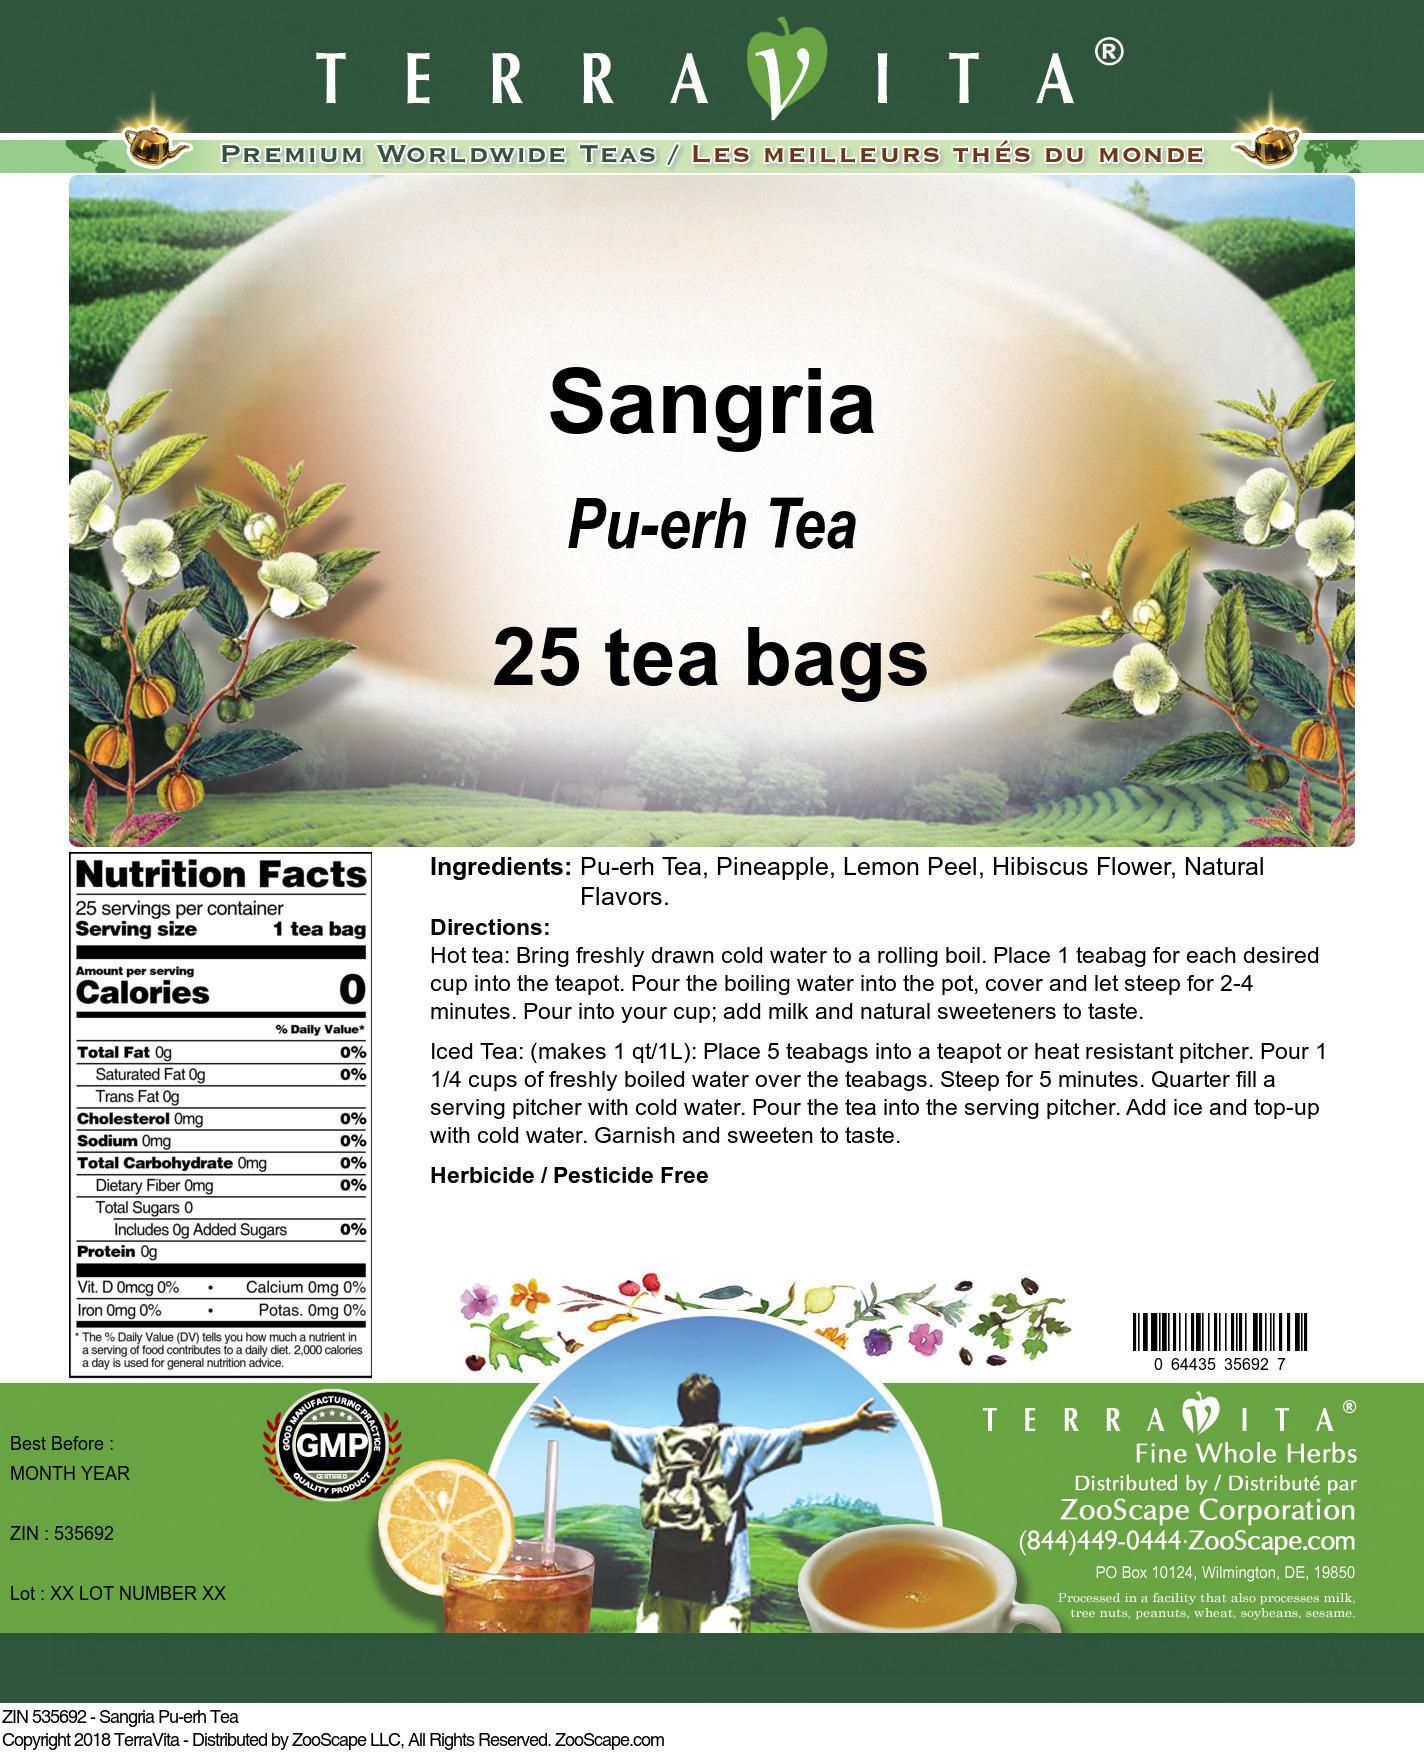 Sangria Pu-erh Tea